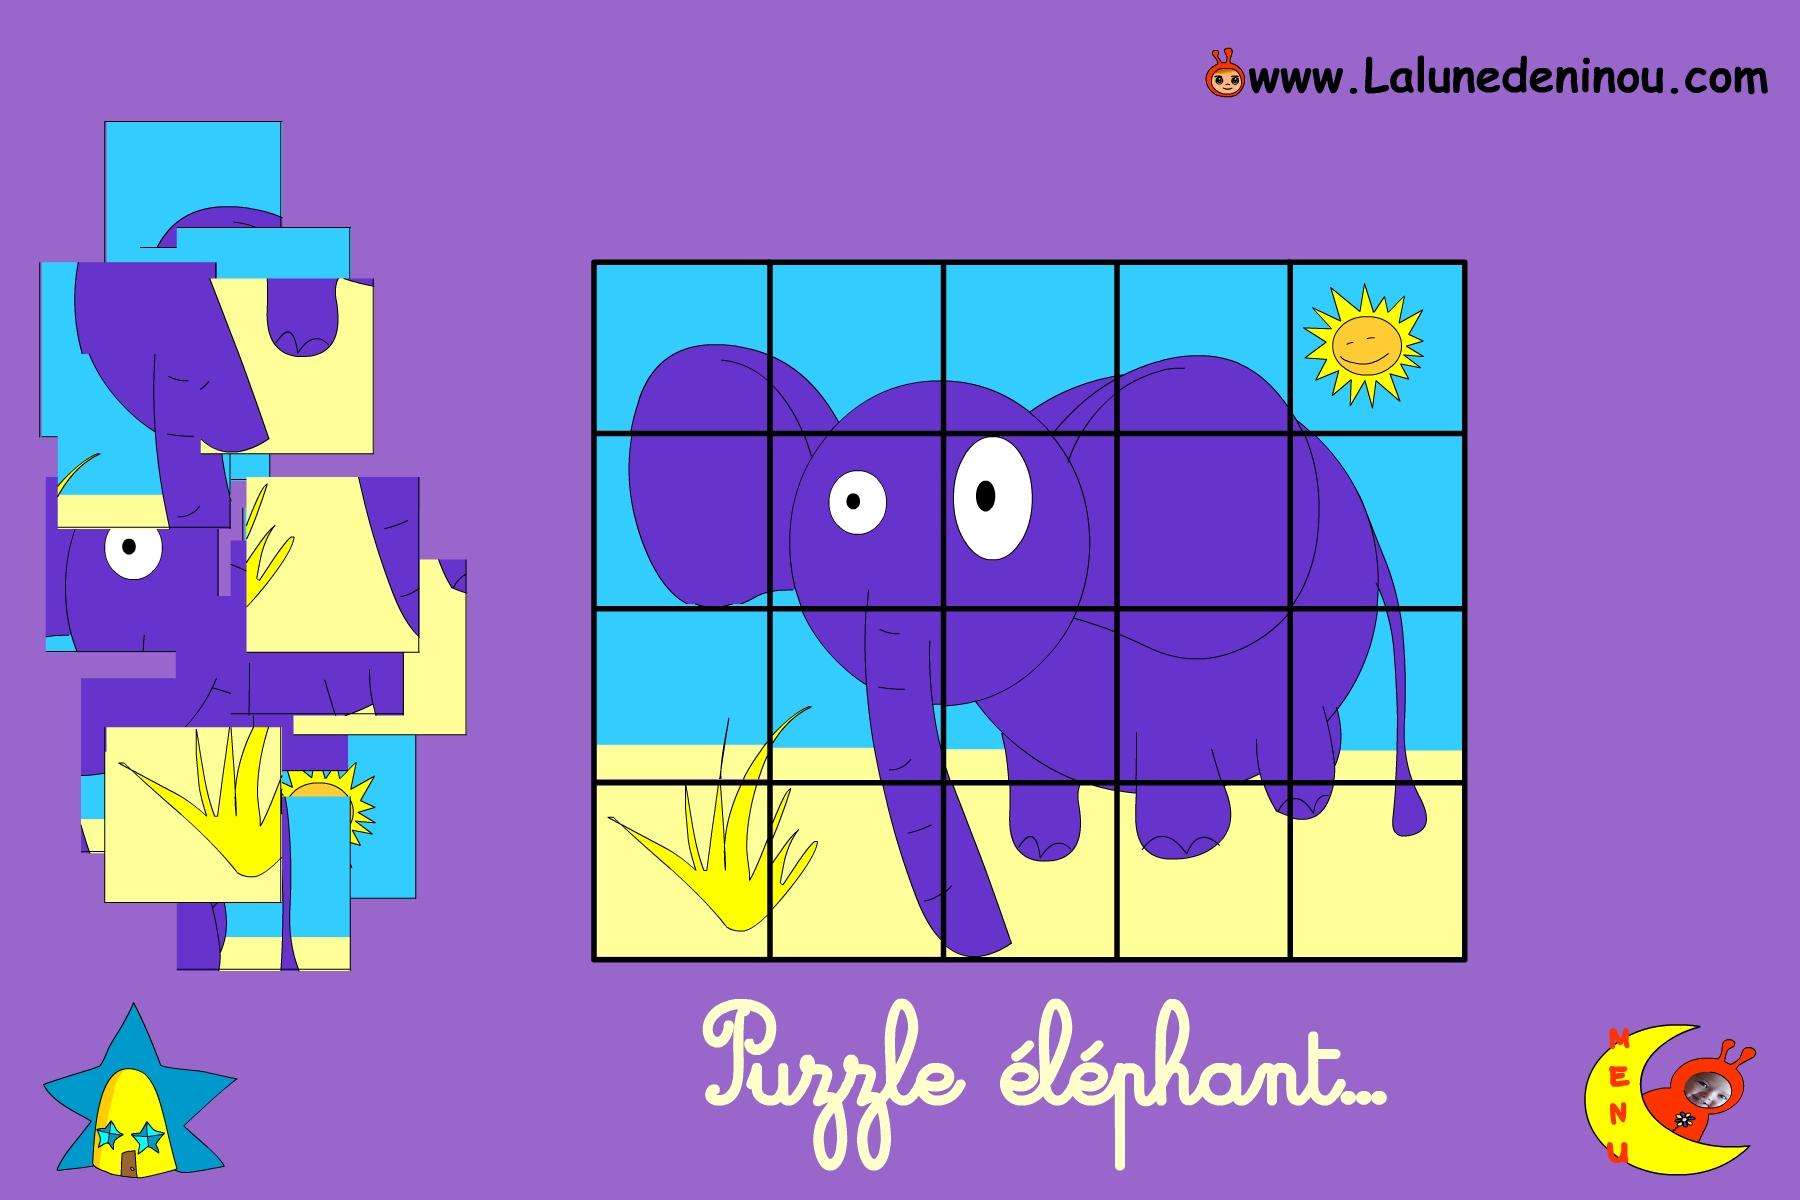 Puzzle En Ligne Pour Enfant De Maternelle - Lalunedeninou intérieur Jeux Enfant 3 Ans Gratuit